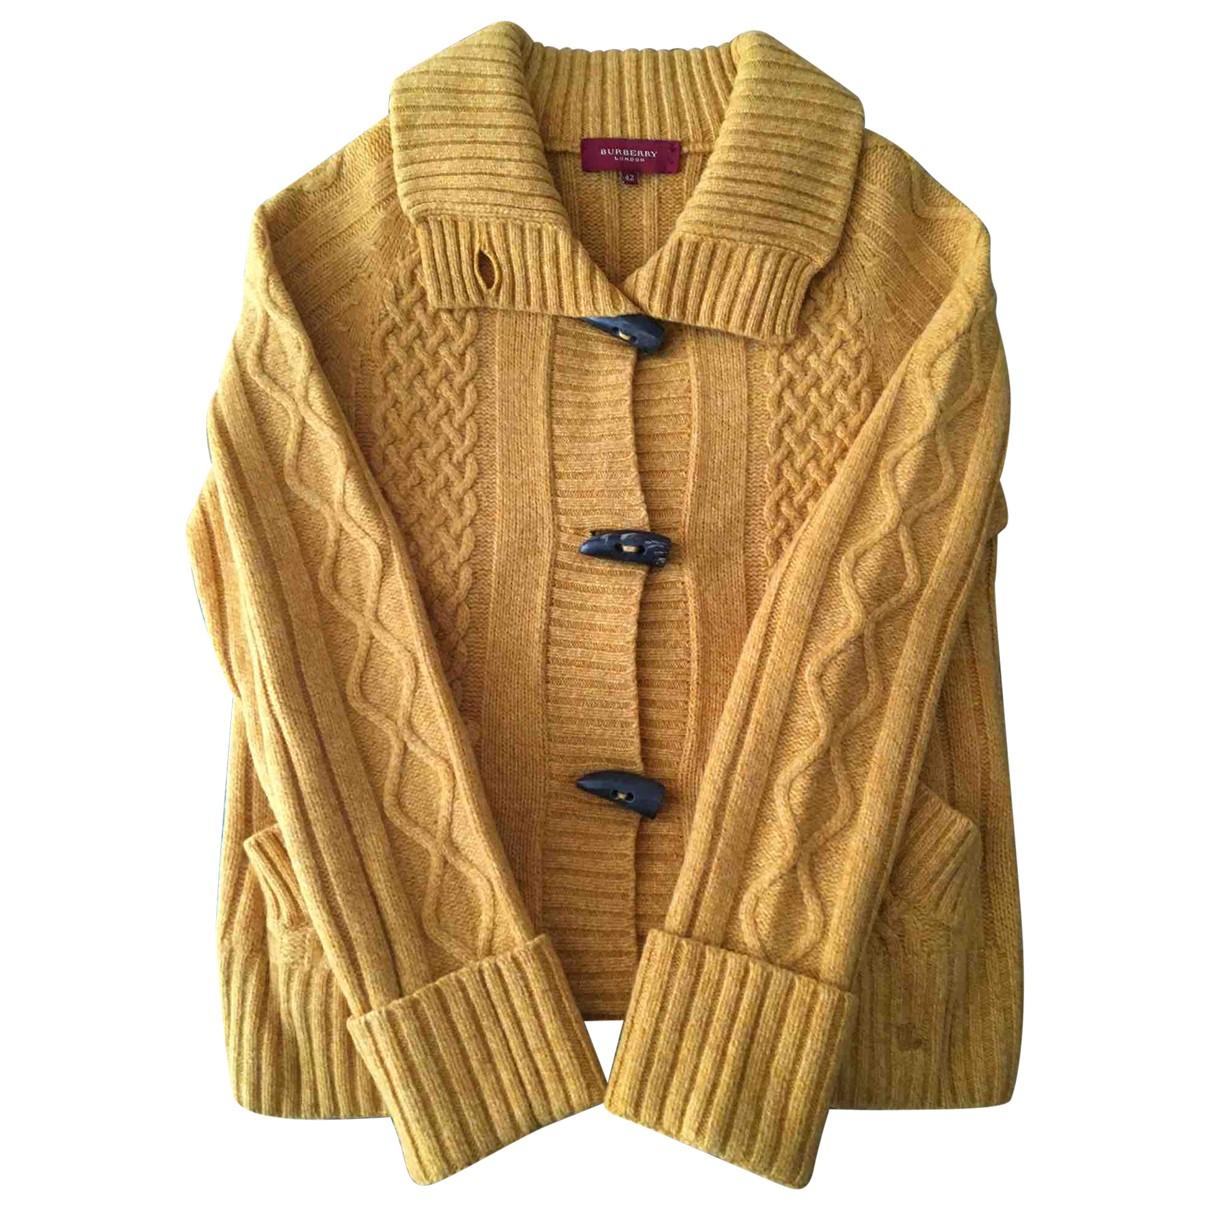 Burberry \N Jacke in  Gelb Wolle